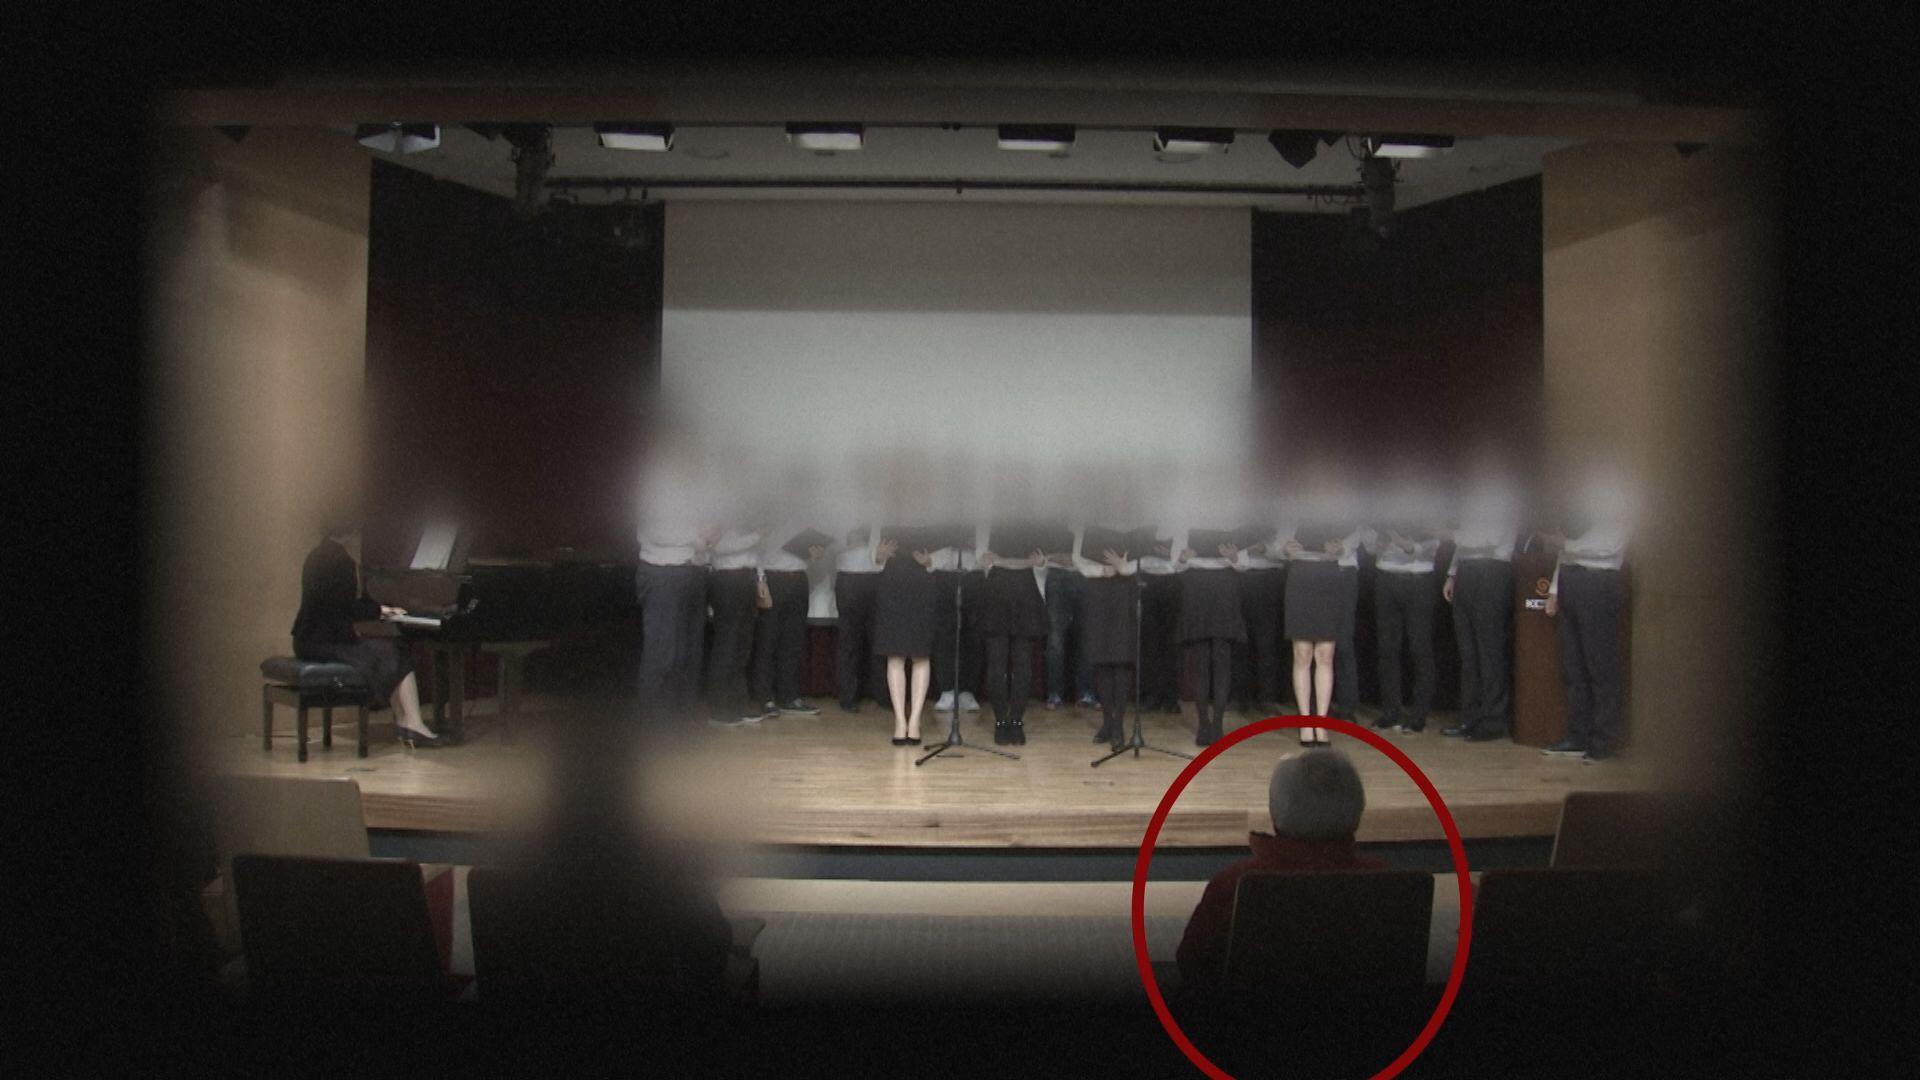 """(사진2) 내부의 적은 """"회장님"""".jpg"""